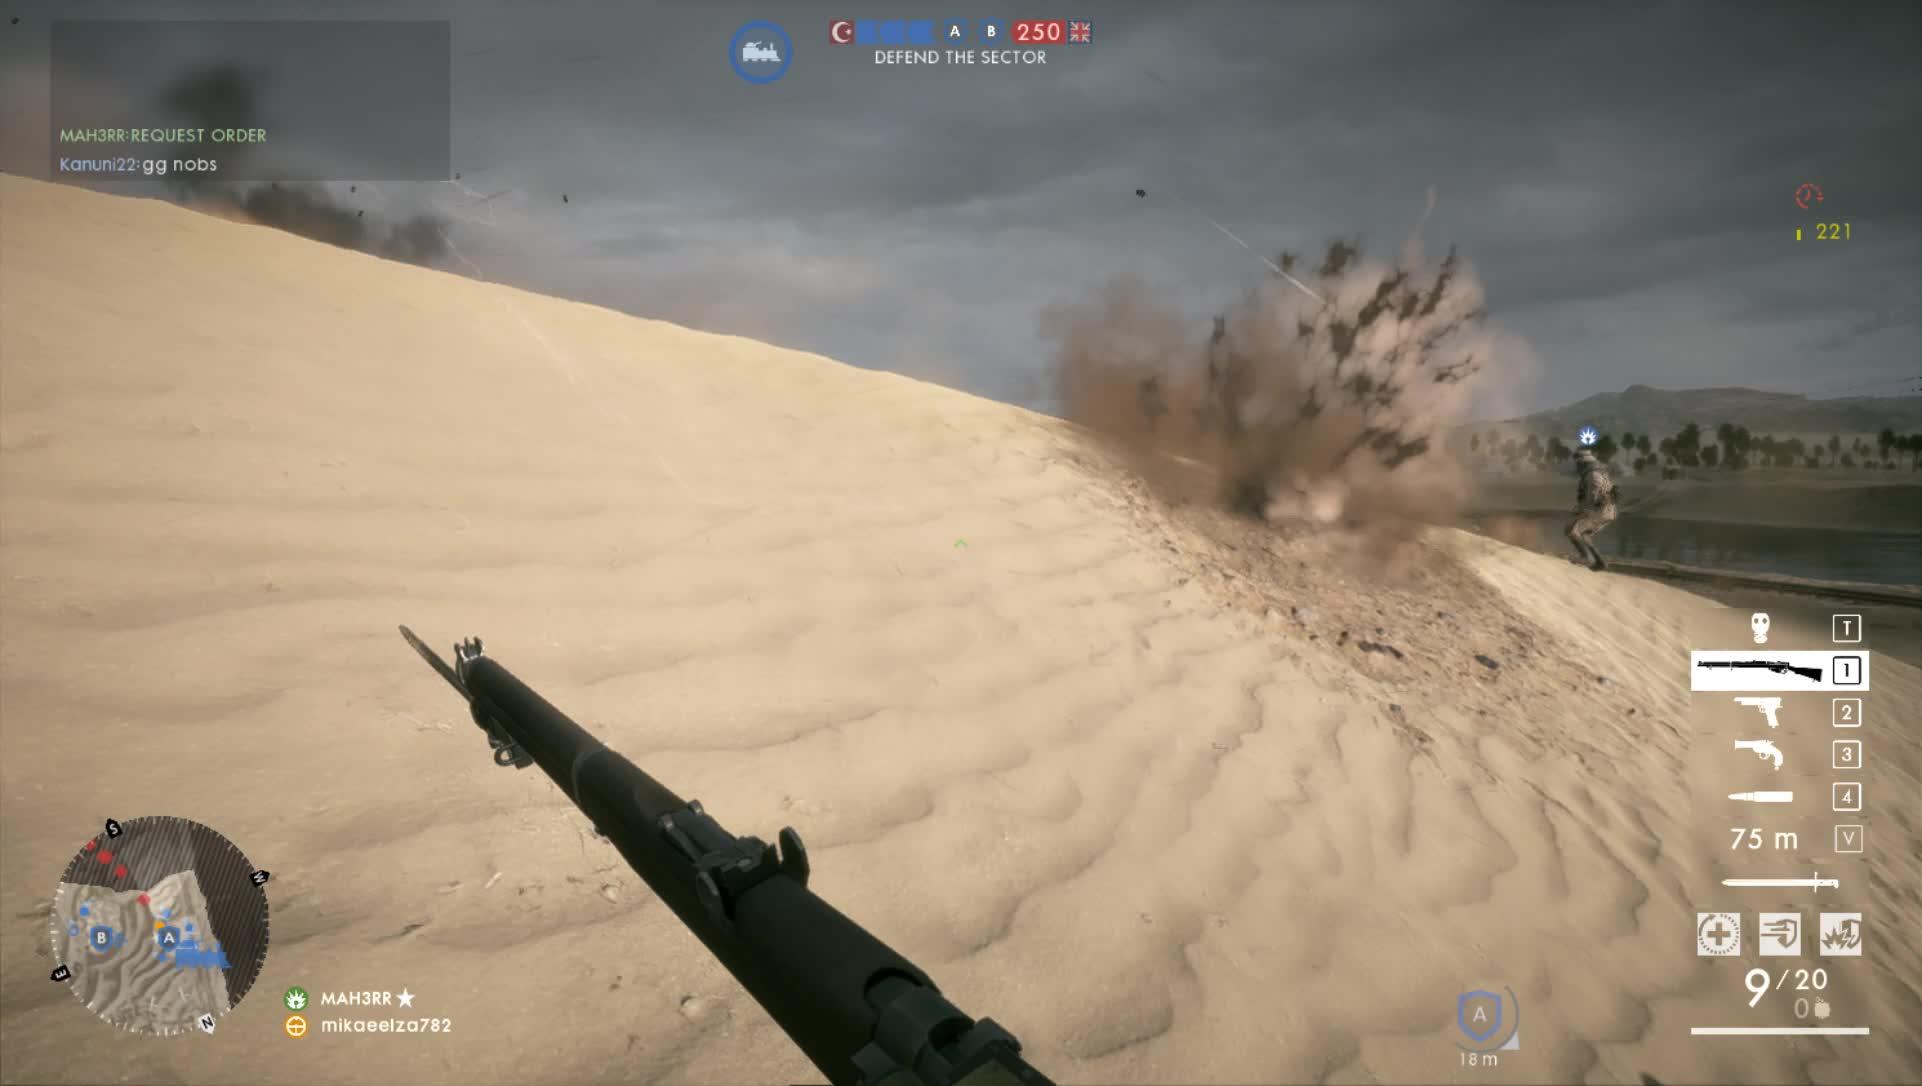 battlefield GIFs